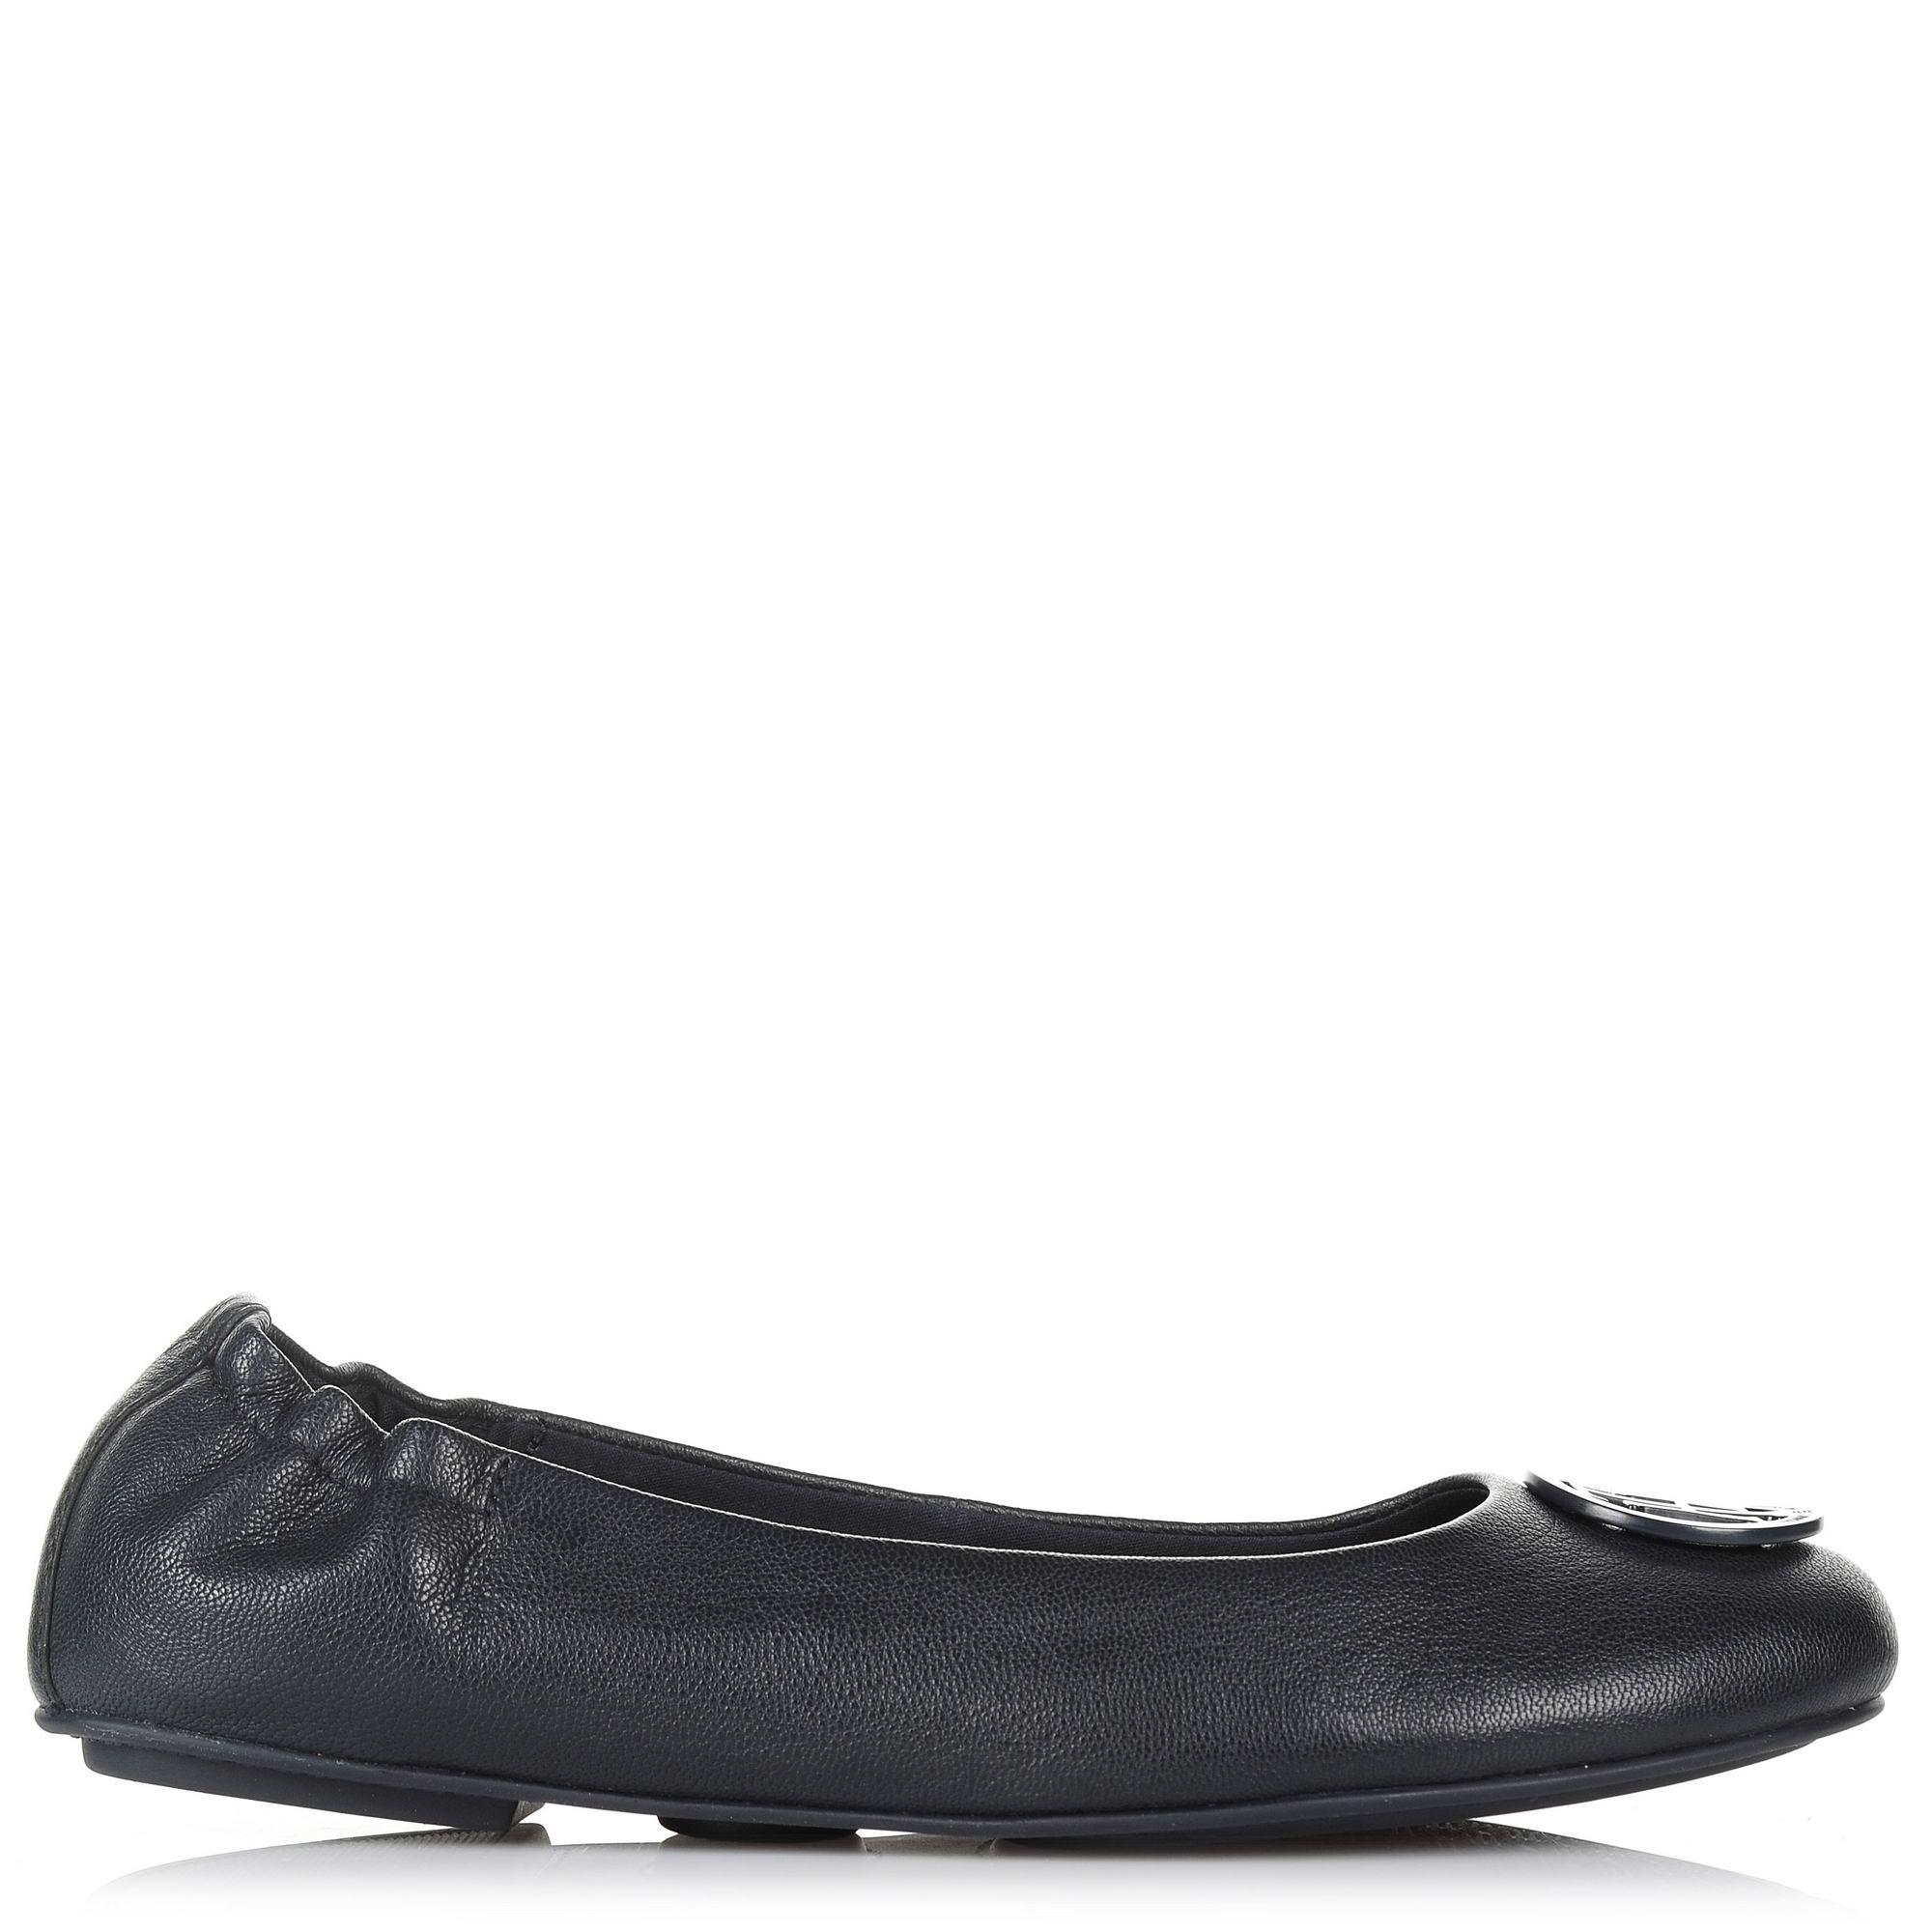 Δερμάτινες Μπαλαρίνες Tommy Hilfiger Flexible Leather Ballerina FW0FW02810 γυναικα   γυναικείο παπούτσι